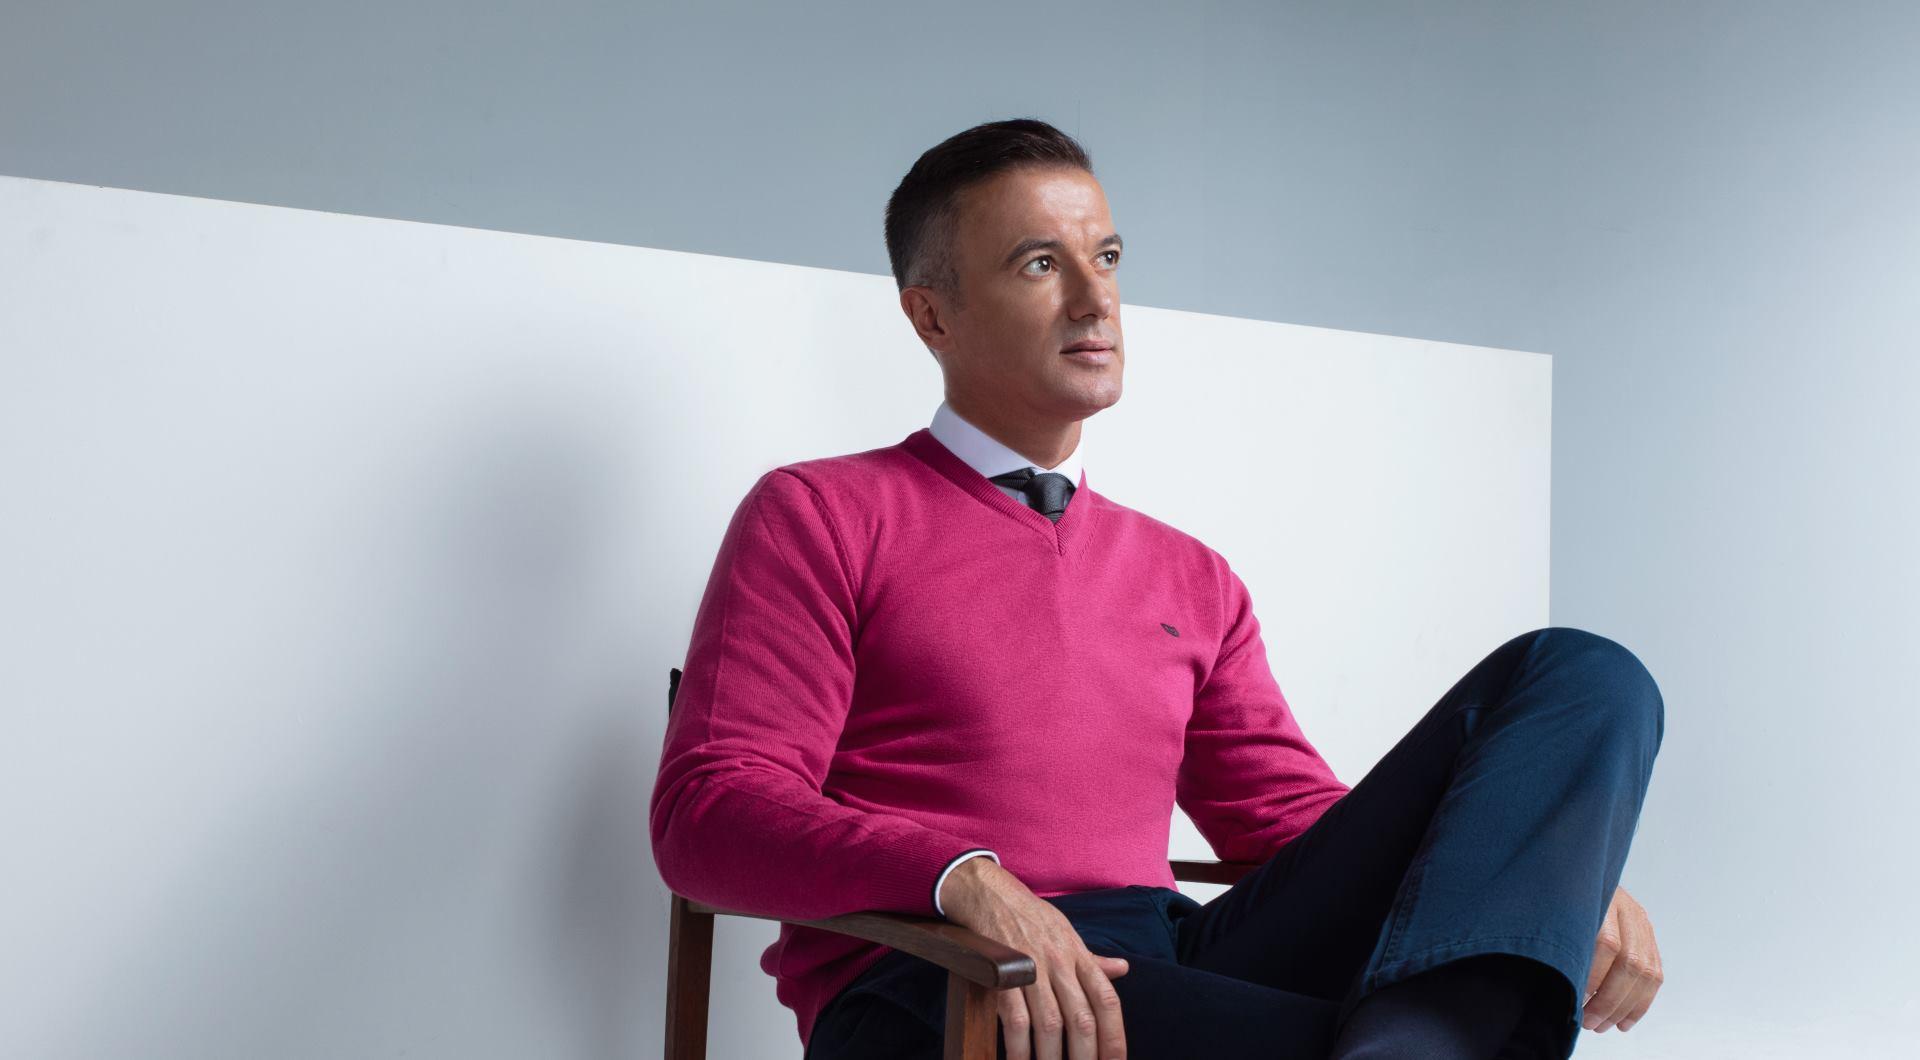 FOTO: Joško Jeličić, zaštitno lice kampanje mladoghrvatskog lifestyle branda